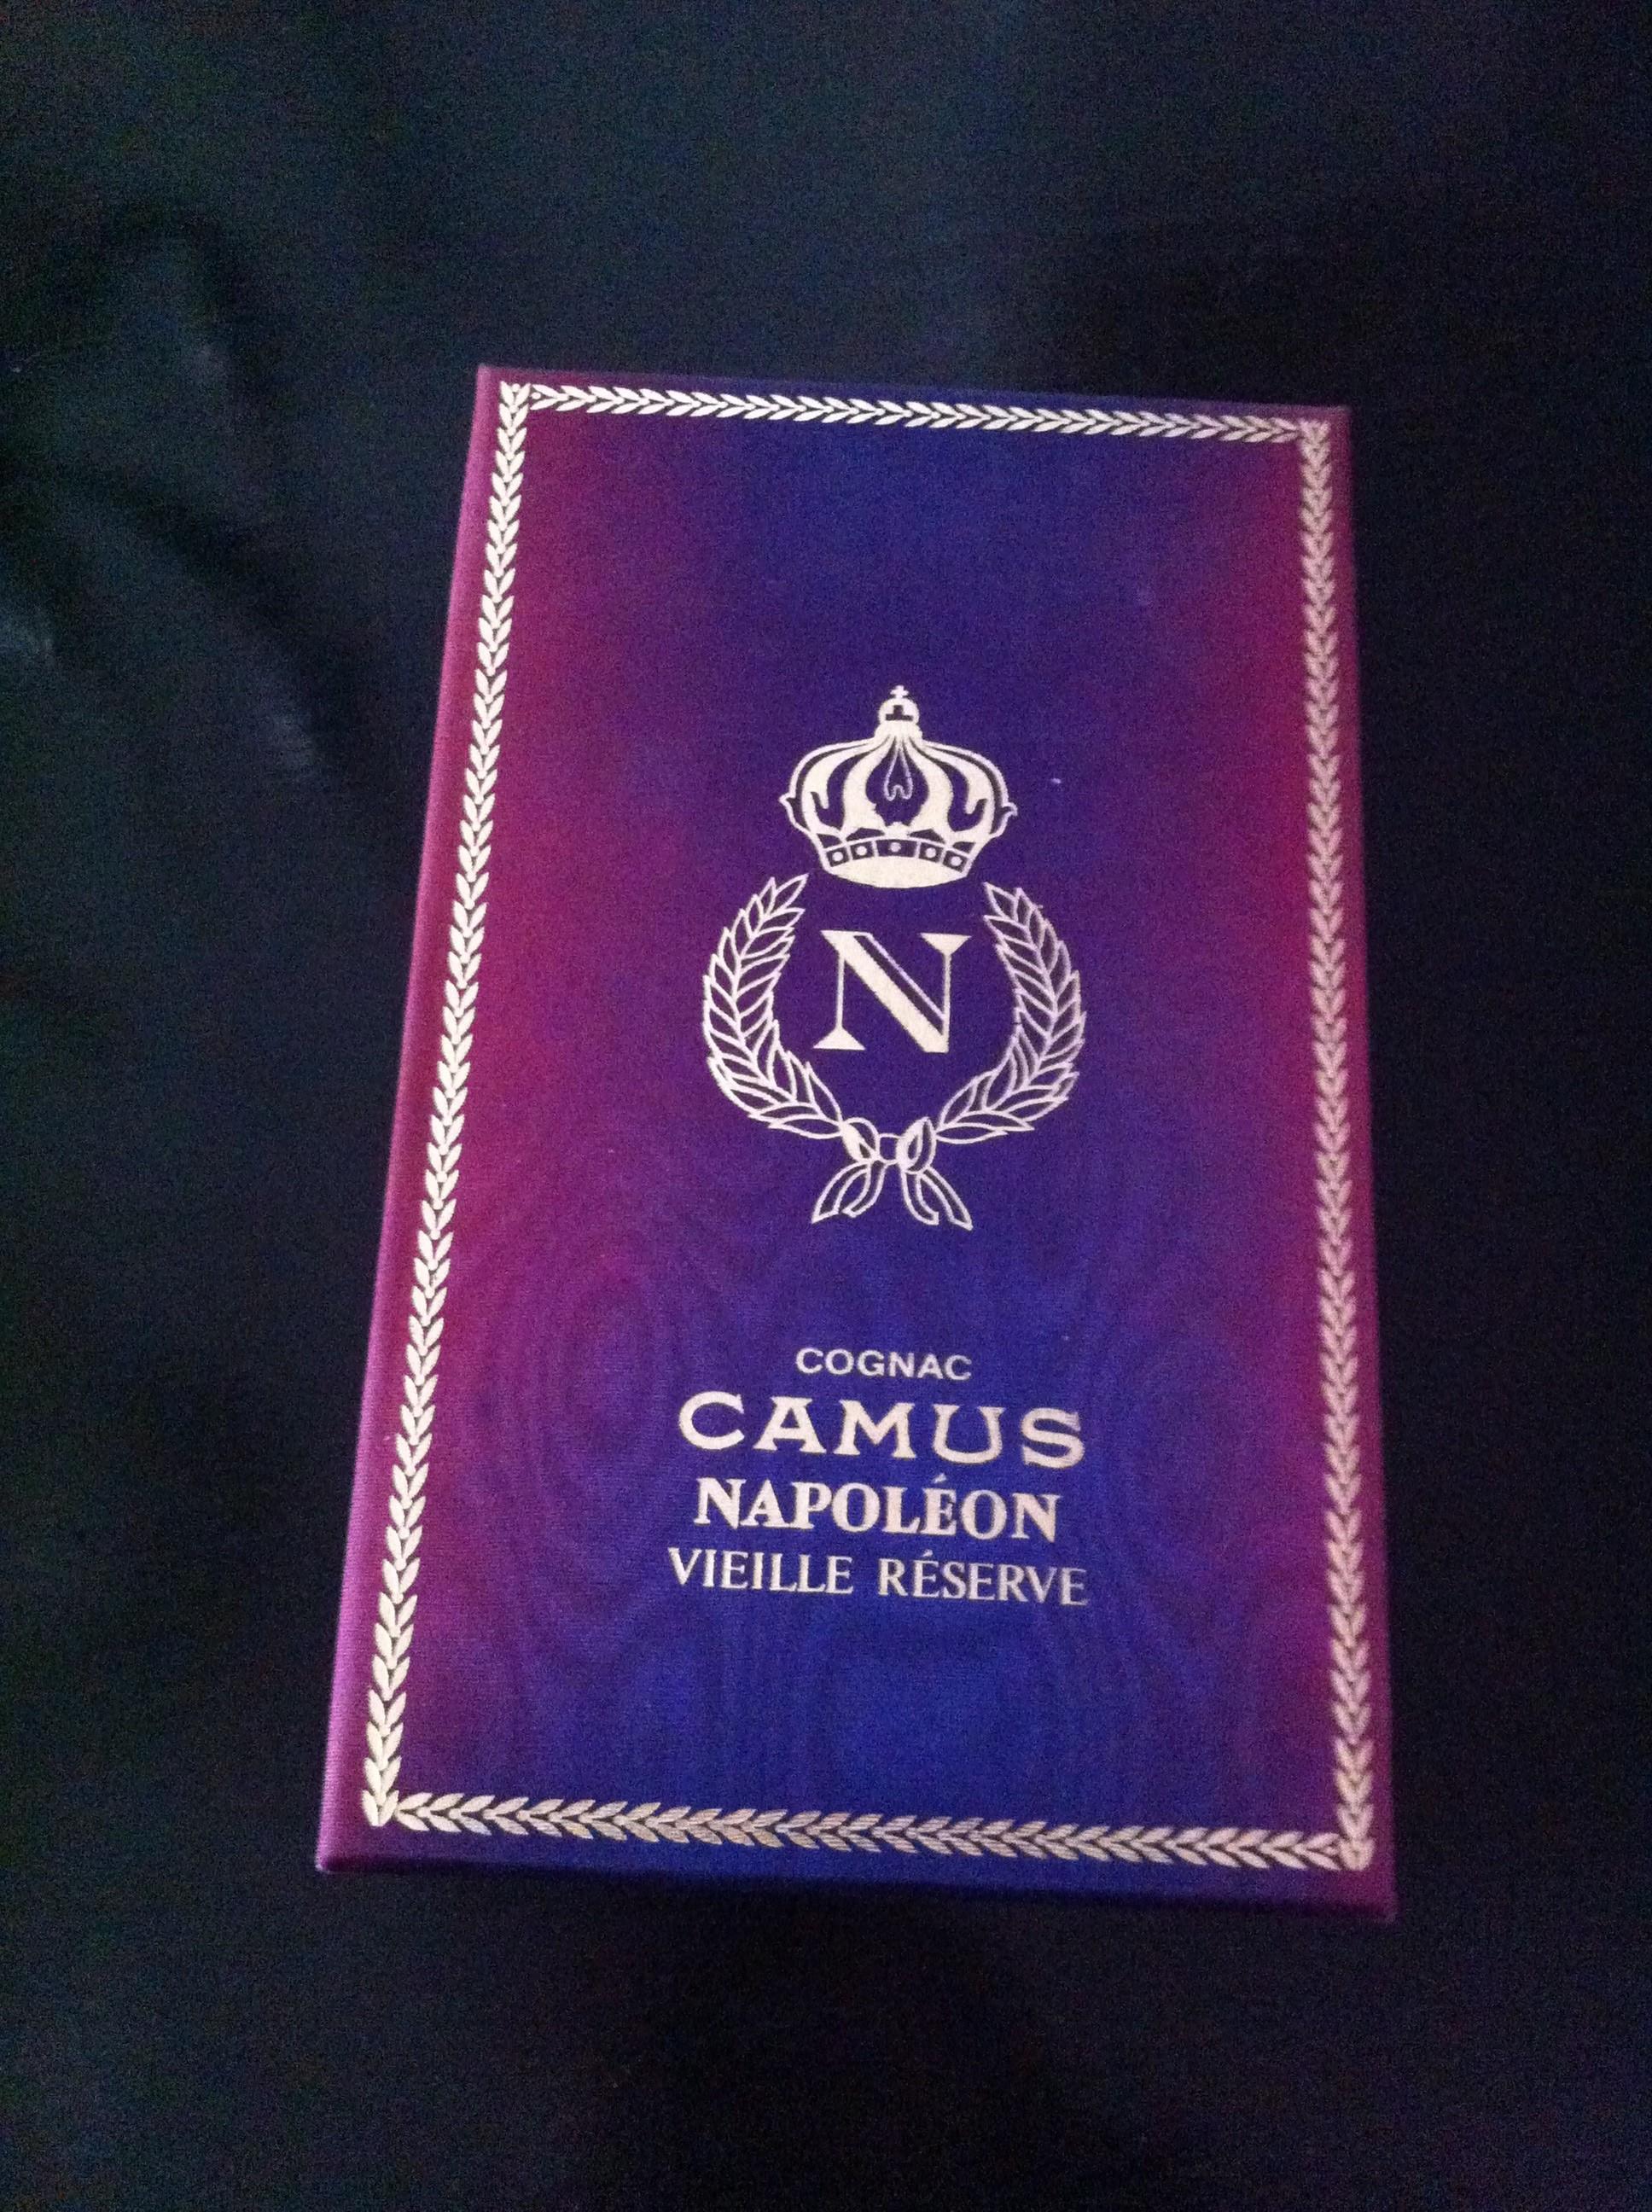 Camus Porcelain Cognac